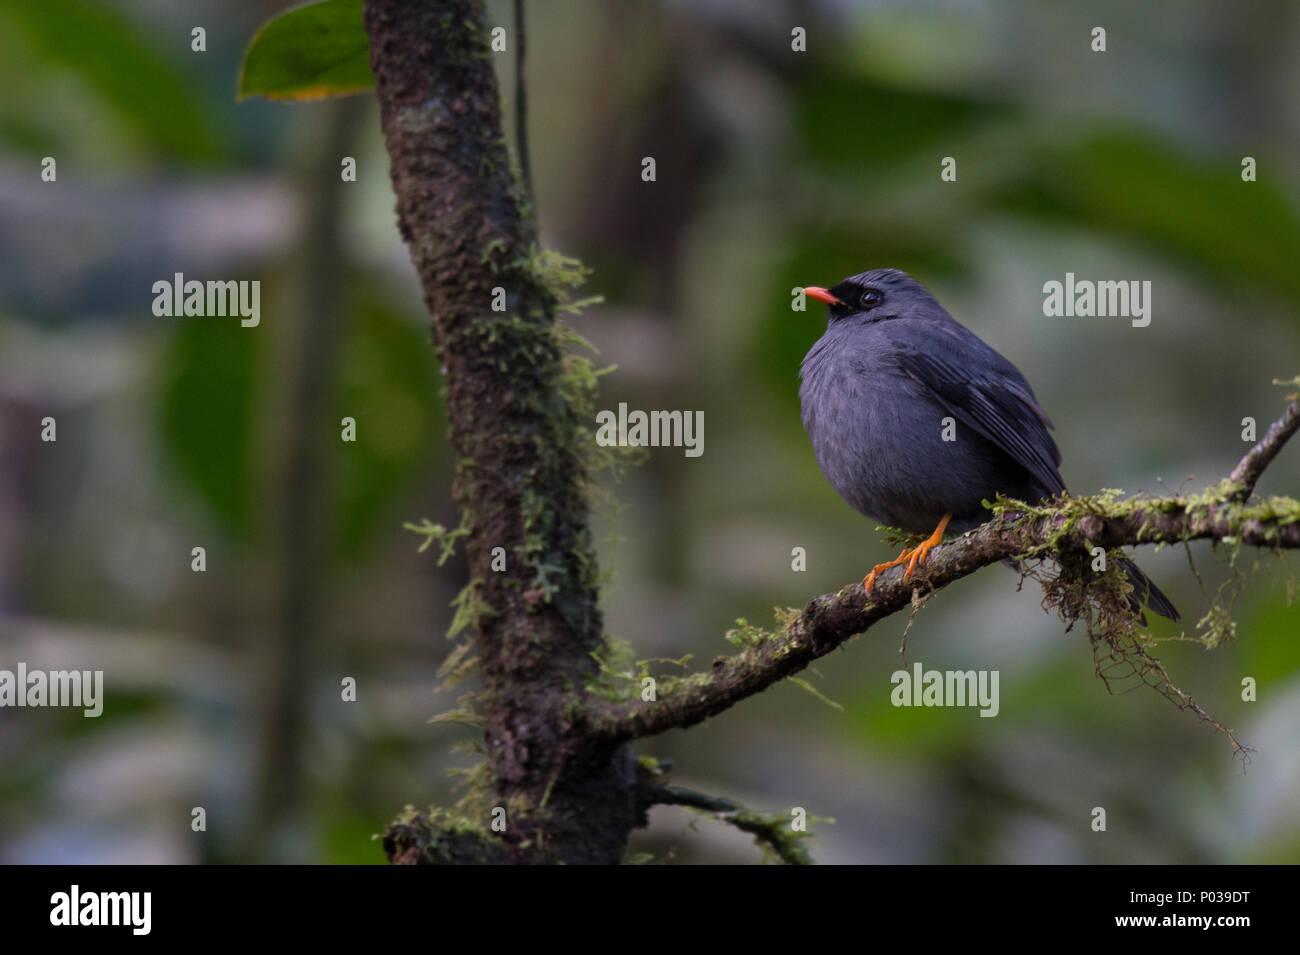 Solitaire à face noire, Myadestes melanops, Turdidae, Forêt Nuageuse de Monteverde, Costa Rica Photo Stock